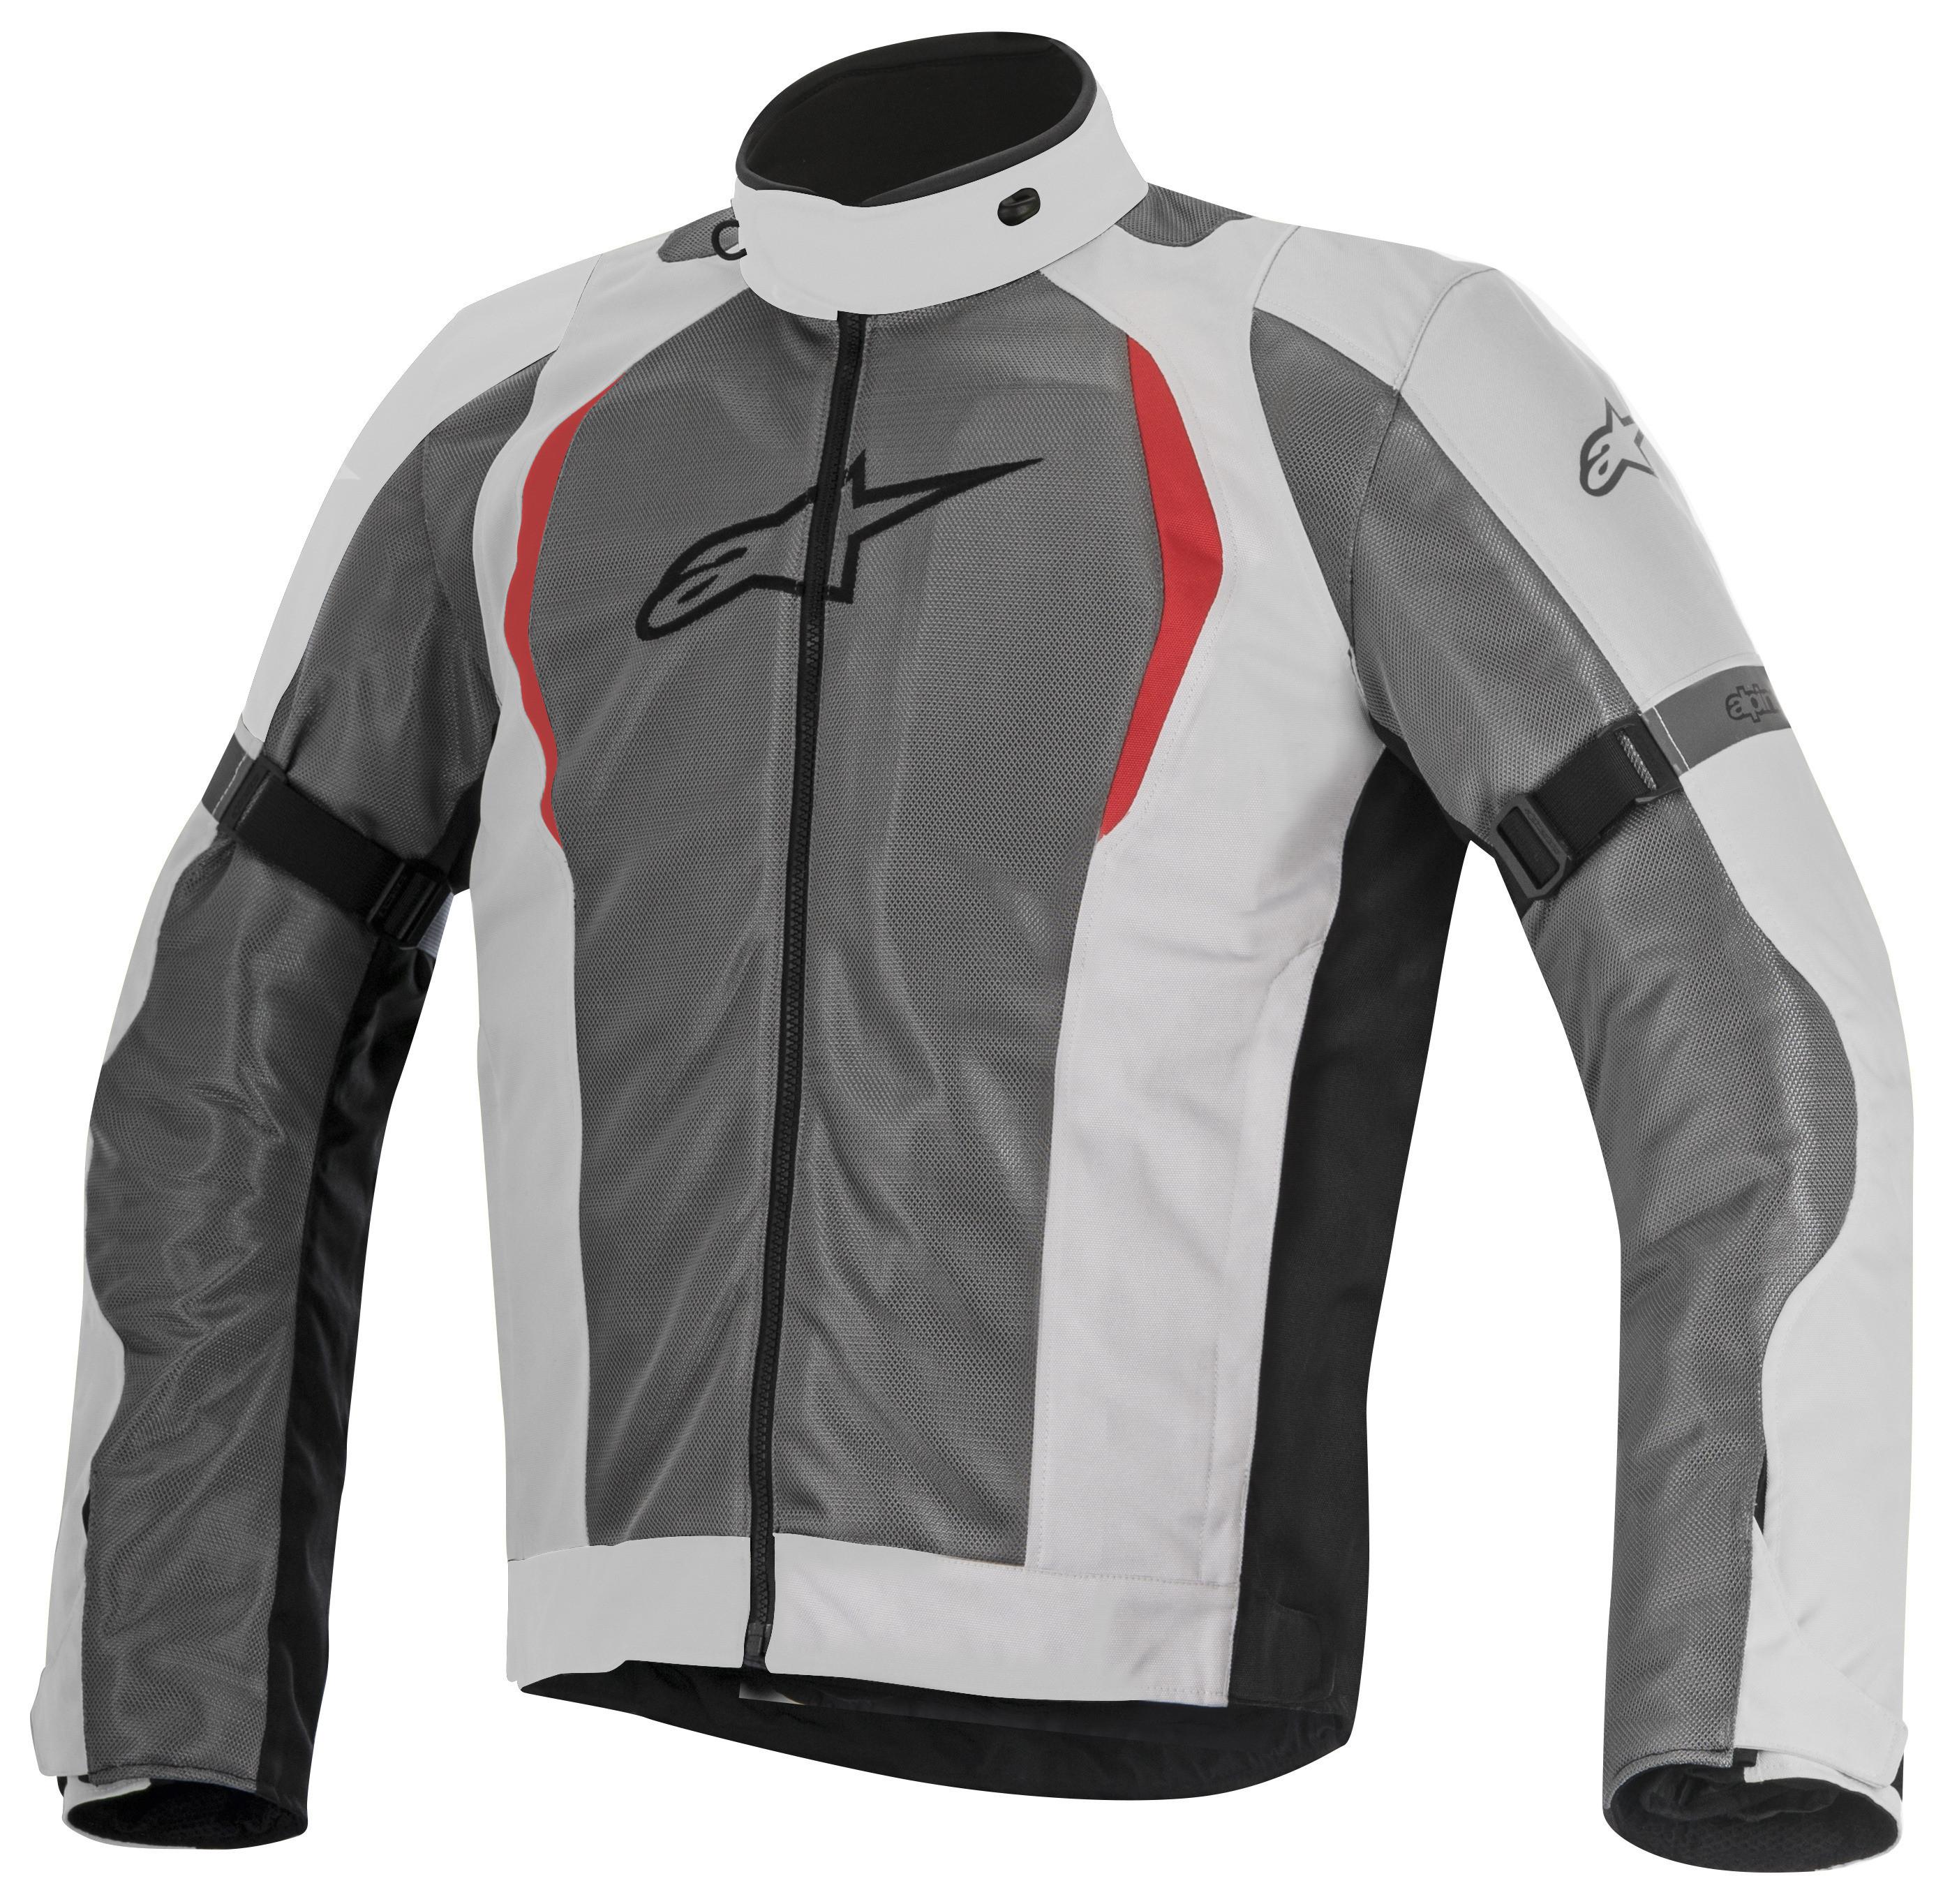 aspetto dettagliato f1de0 c7d7c Giacca moto Alpinestars Amok Air Drystar 3 strati grigio chiaro grigio scuro